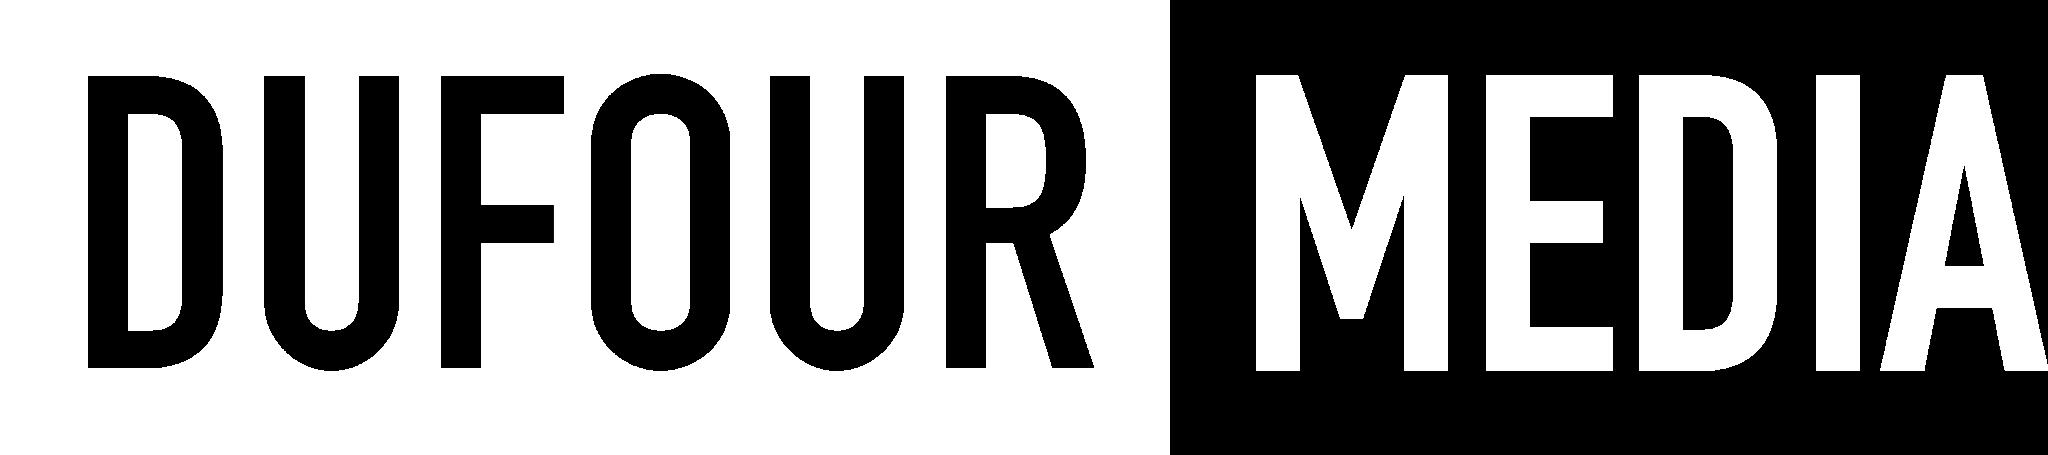 Dufour Media